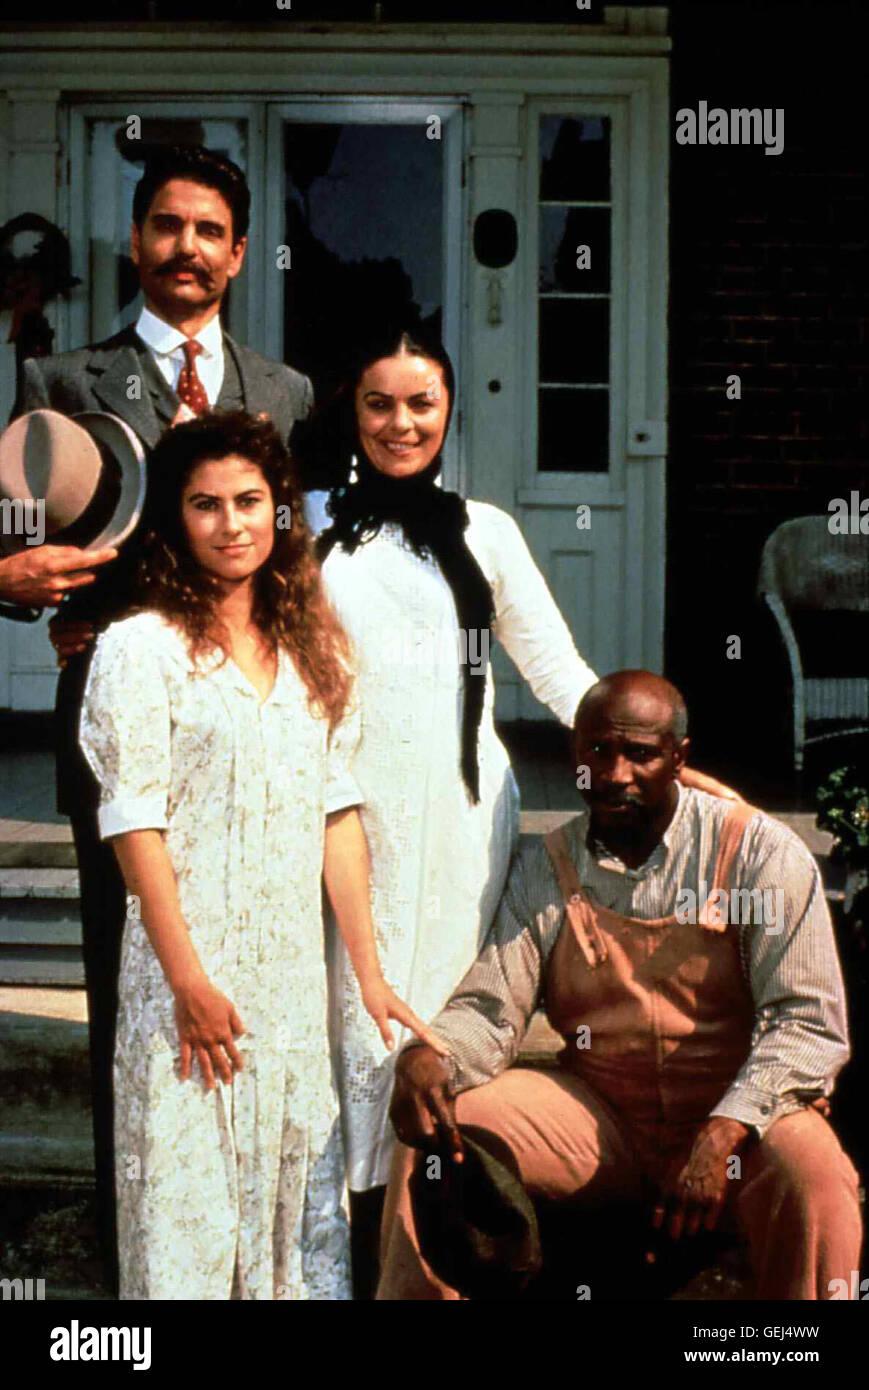 Alexandra Richards,Bea Nicolas (b. 1994) XXX movies Carly Pope,Zack Ward